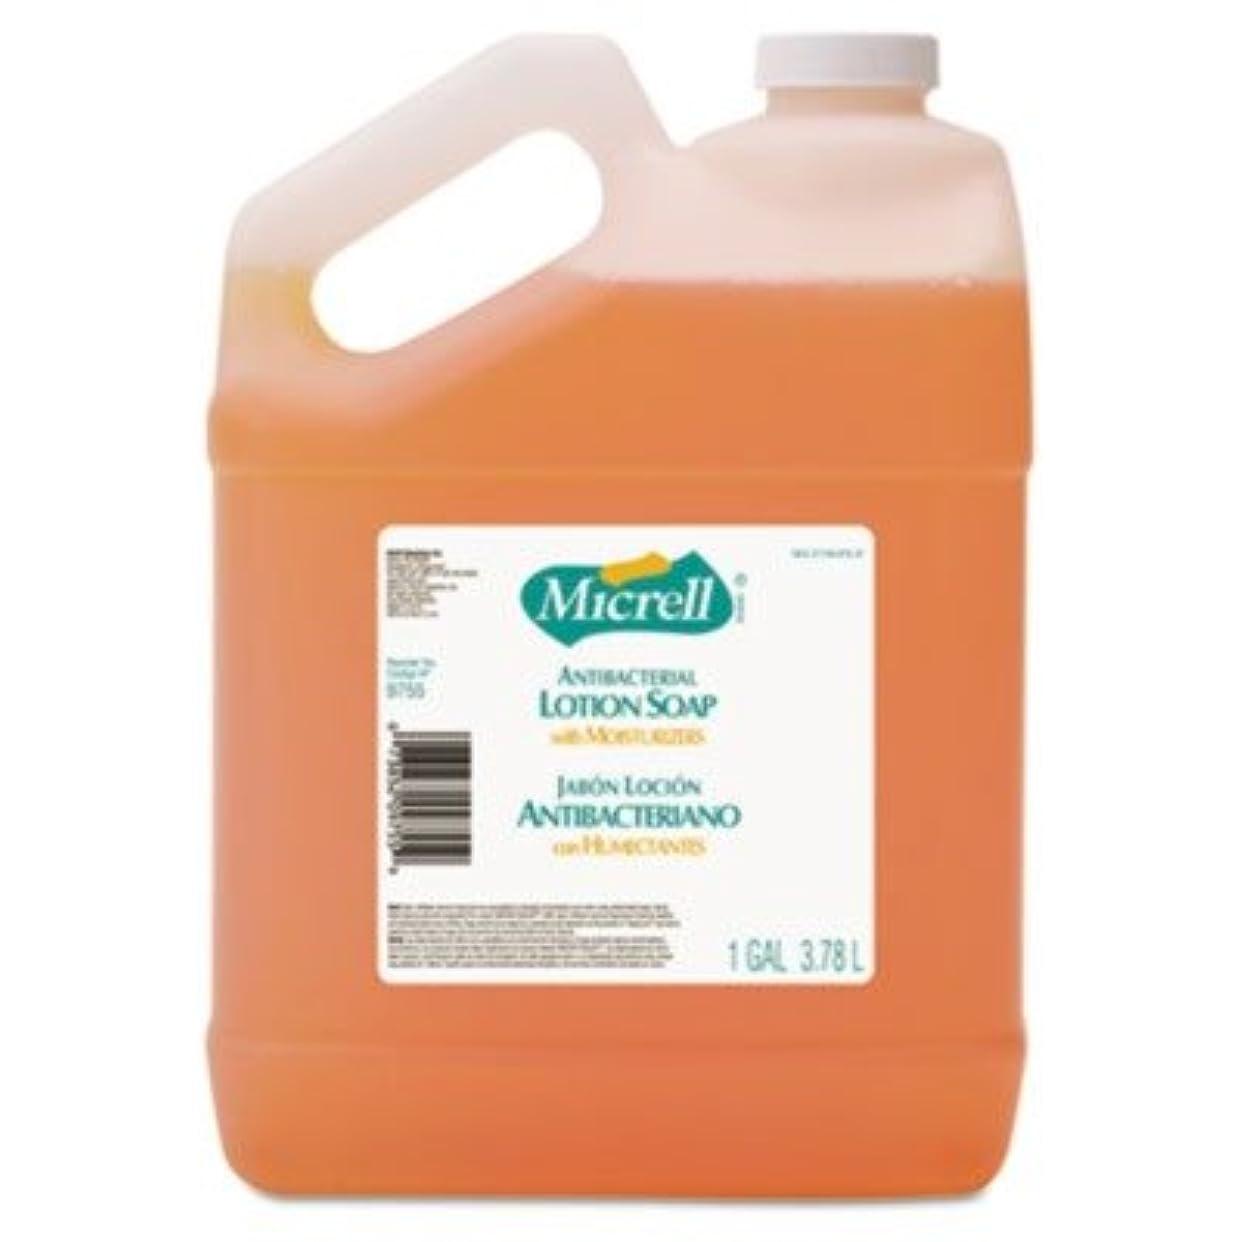 沈黙使い込む危険なgo-jo Industries 975504 CT MICRELL抗菌ローションソープ、Pleasant citrus scent , 1 galボトル、4 /カートン